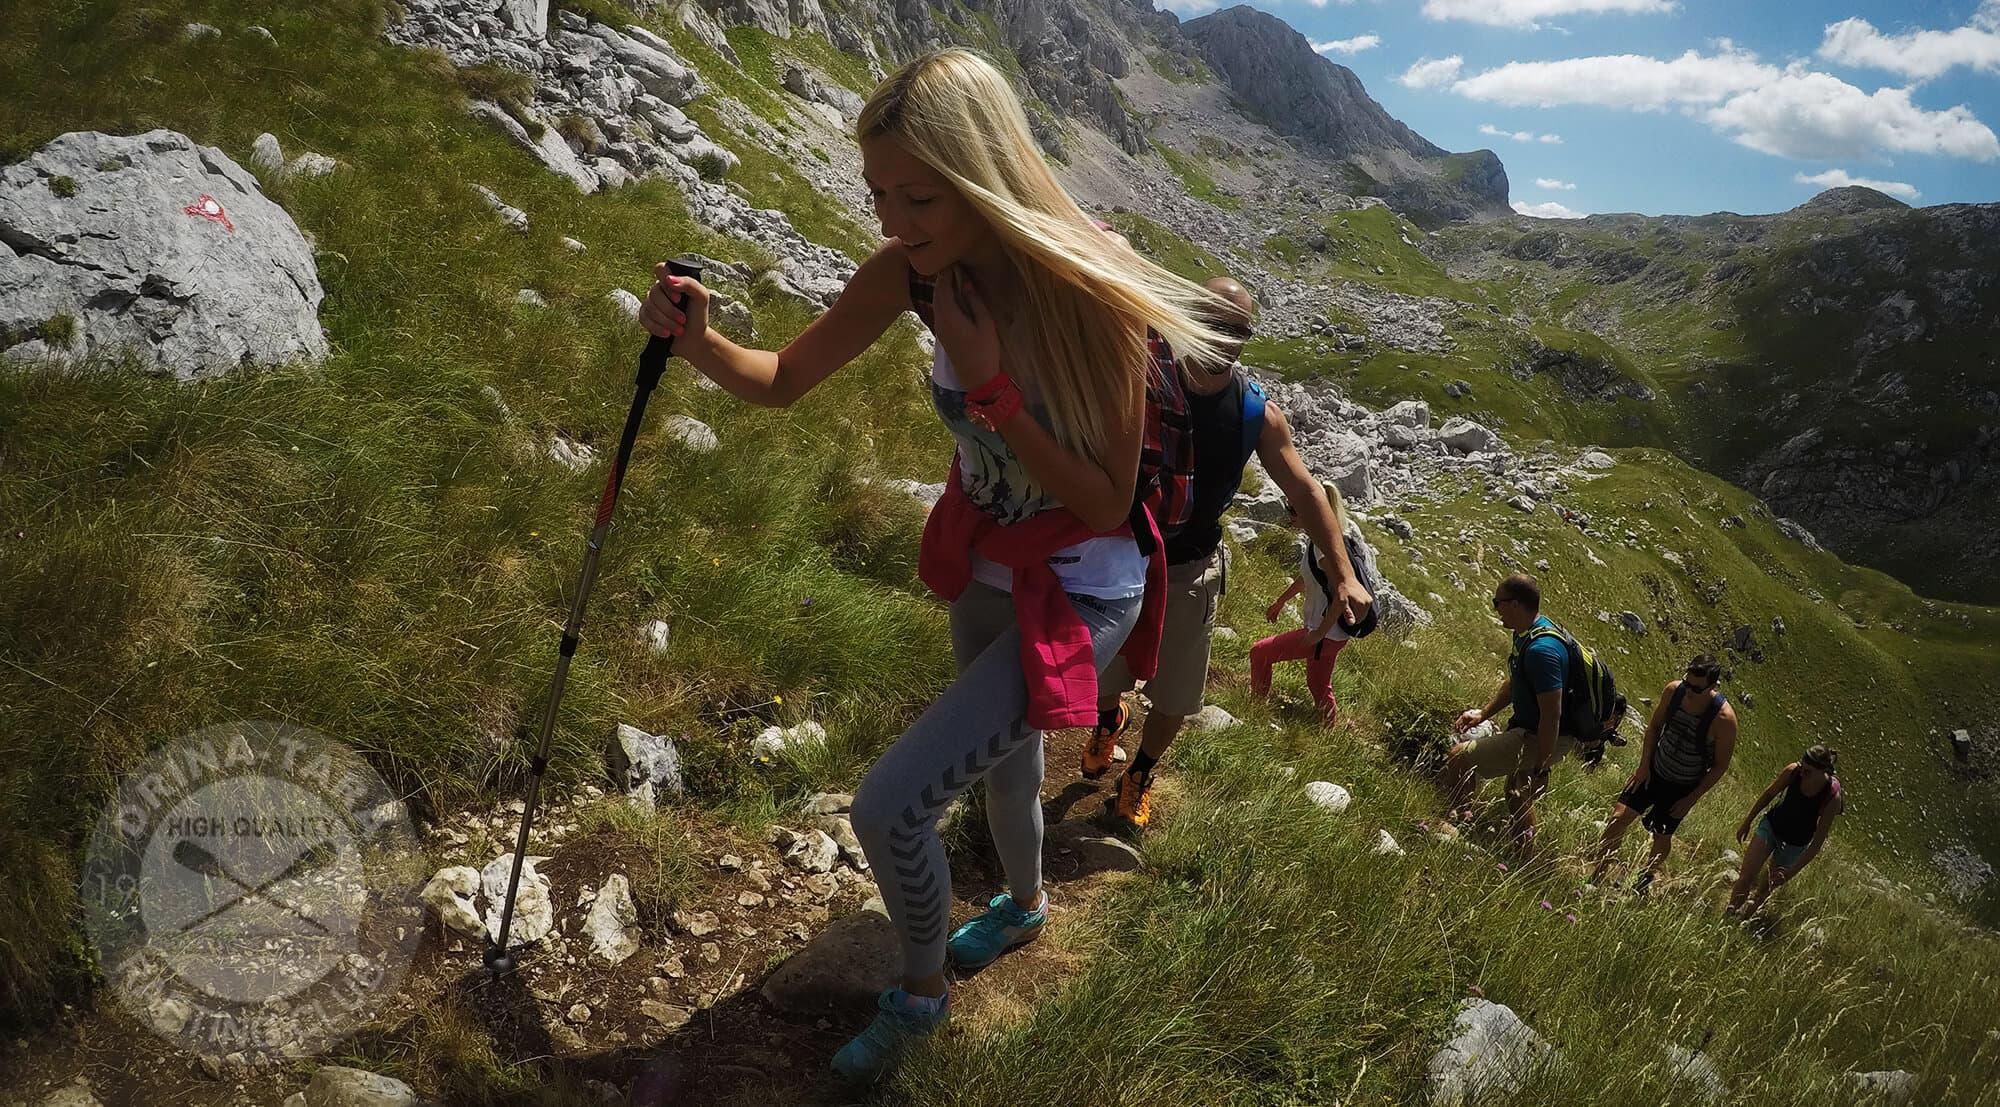 Mladi ljudi se penju uz zelenu planinu jedno iza drugog i svi imaju osmeh